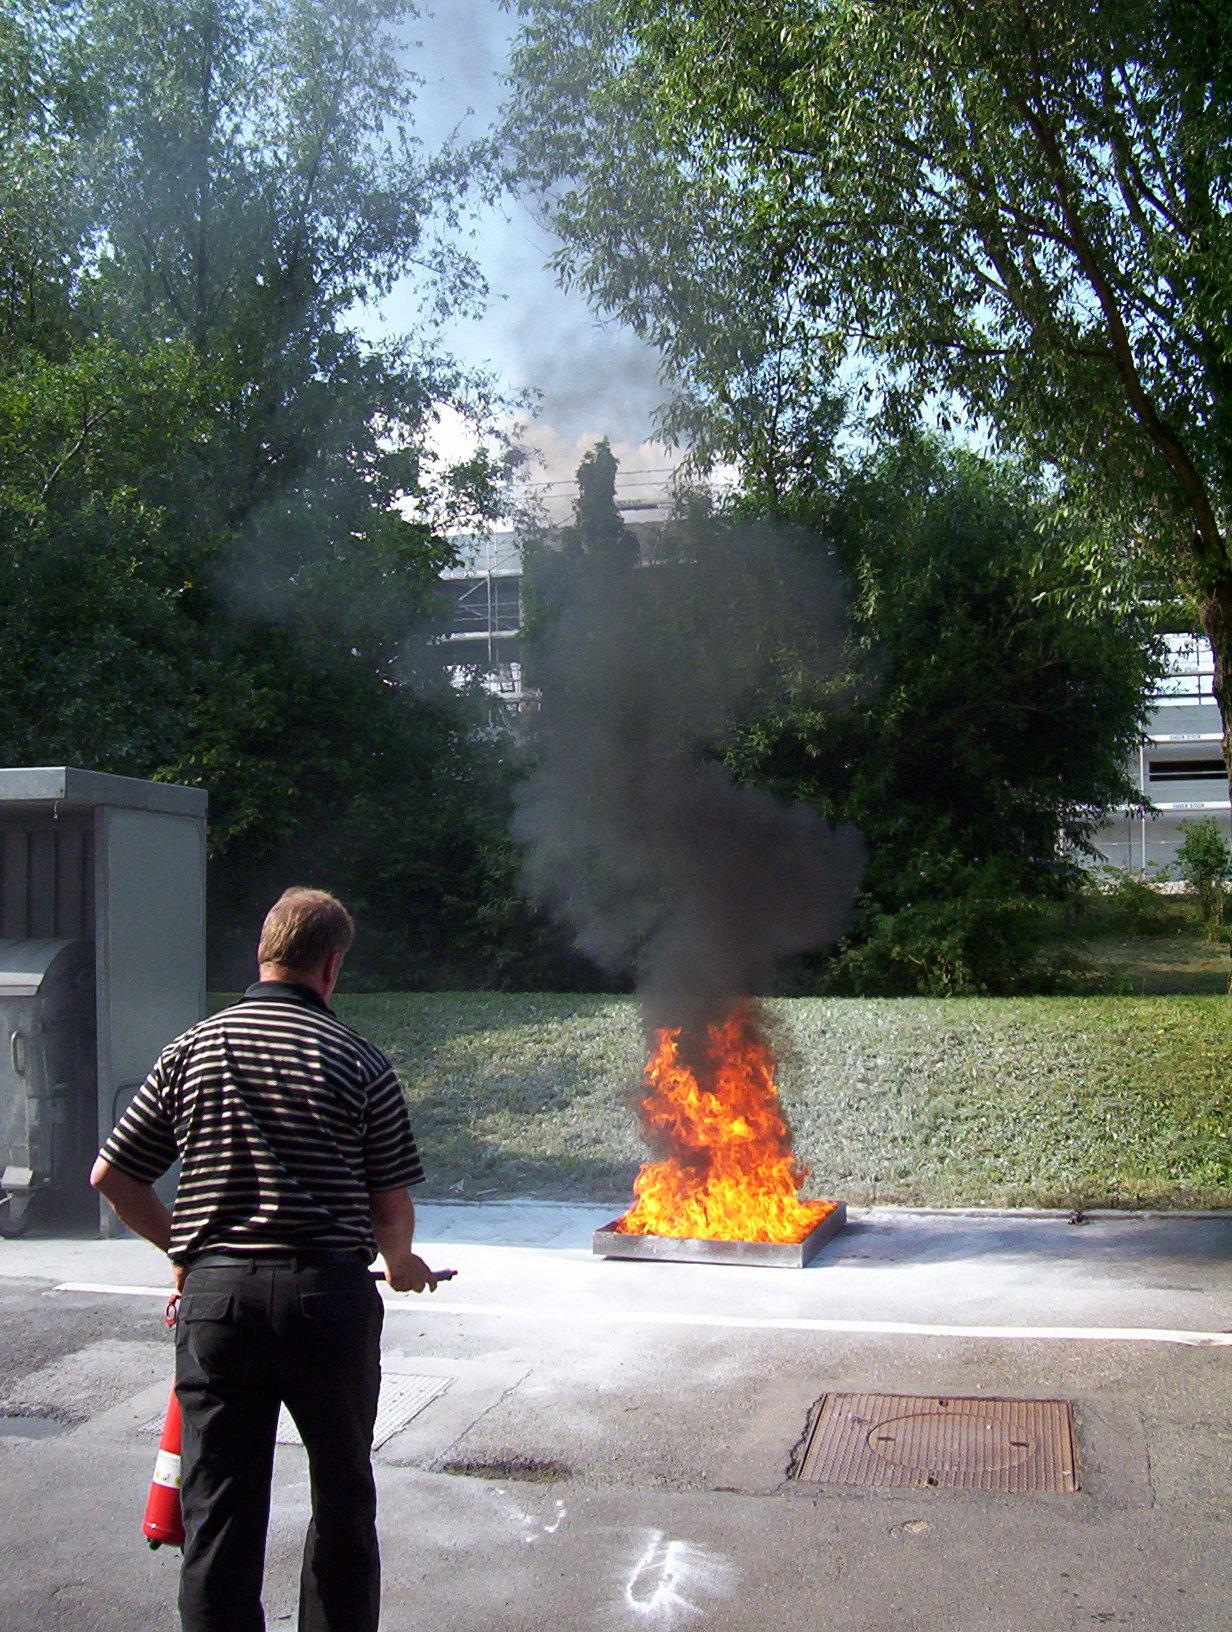 Brandschutzmängel beseitigen lernen mit einem Feuerlöscher feuer zu löschen